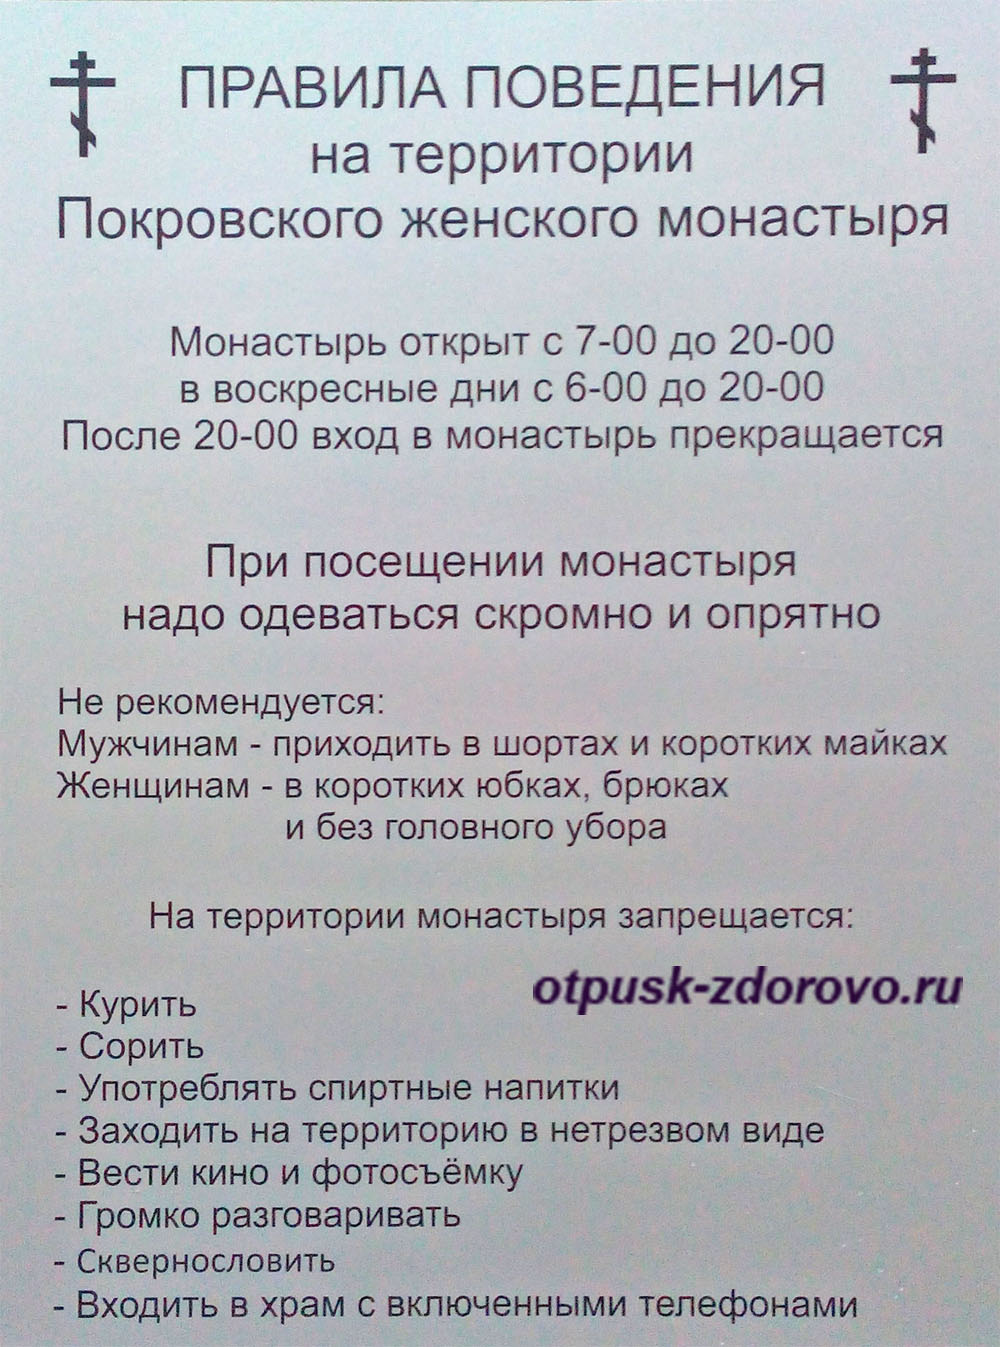 Покровский монастырь в Москве, время работы